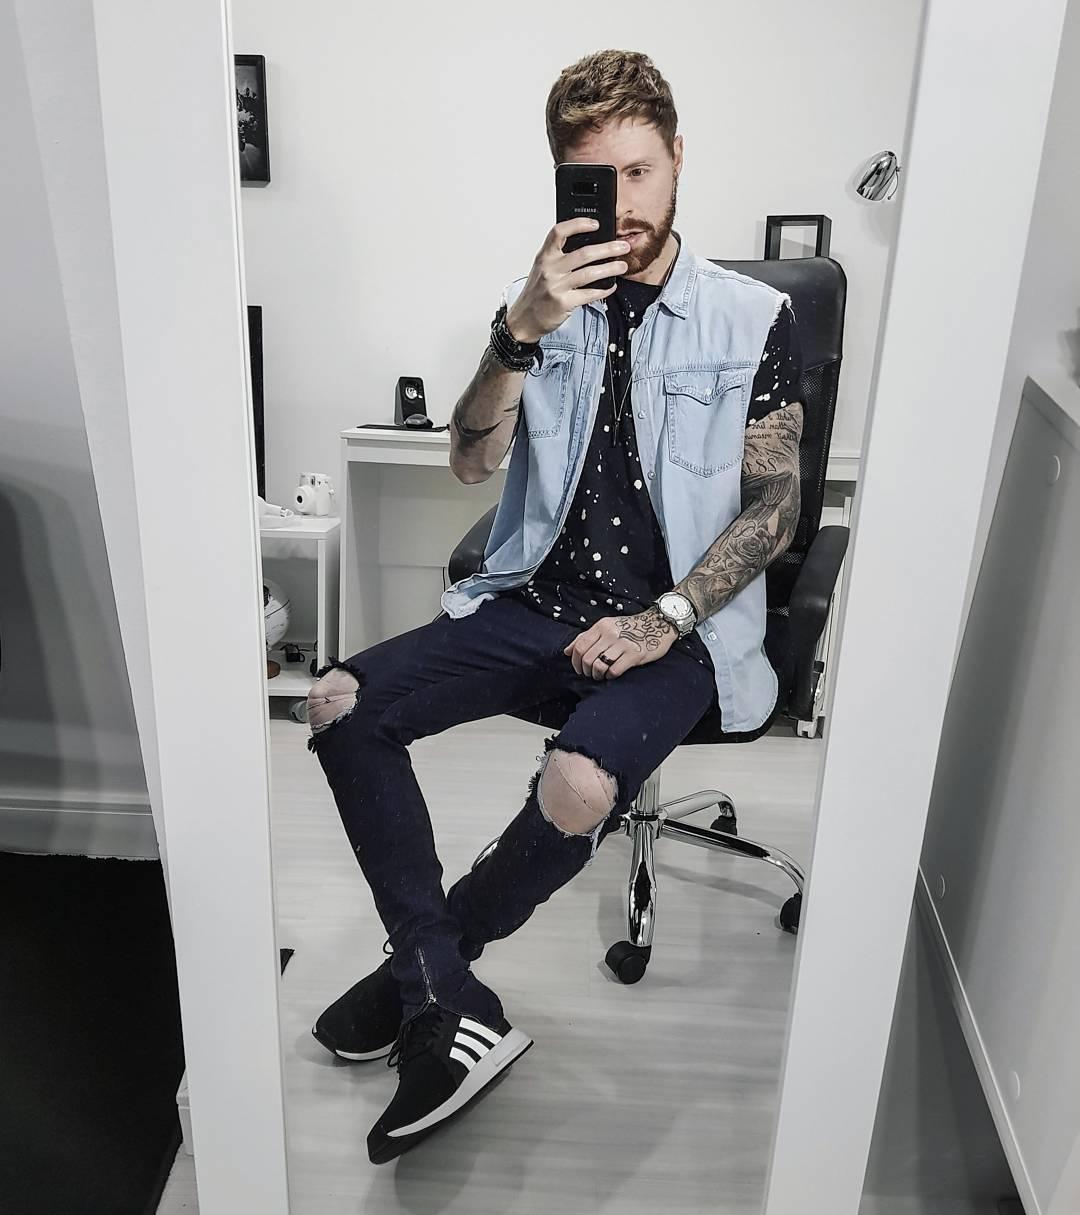 2512574389a960 Já pra esse Jeans com Jeans optei por um Colete, na verdade é uma Camisa  Jeans sem Manga (haha) da Forever21, Camiseta Manchada Korova, Calça Skinny  Rasgada ...